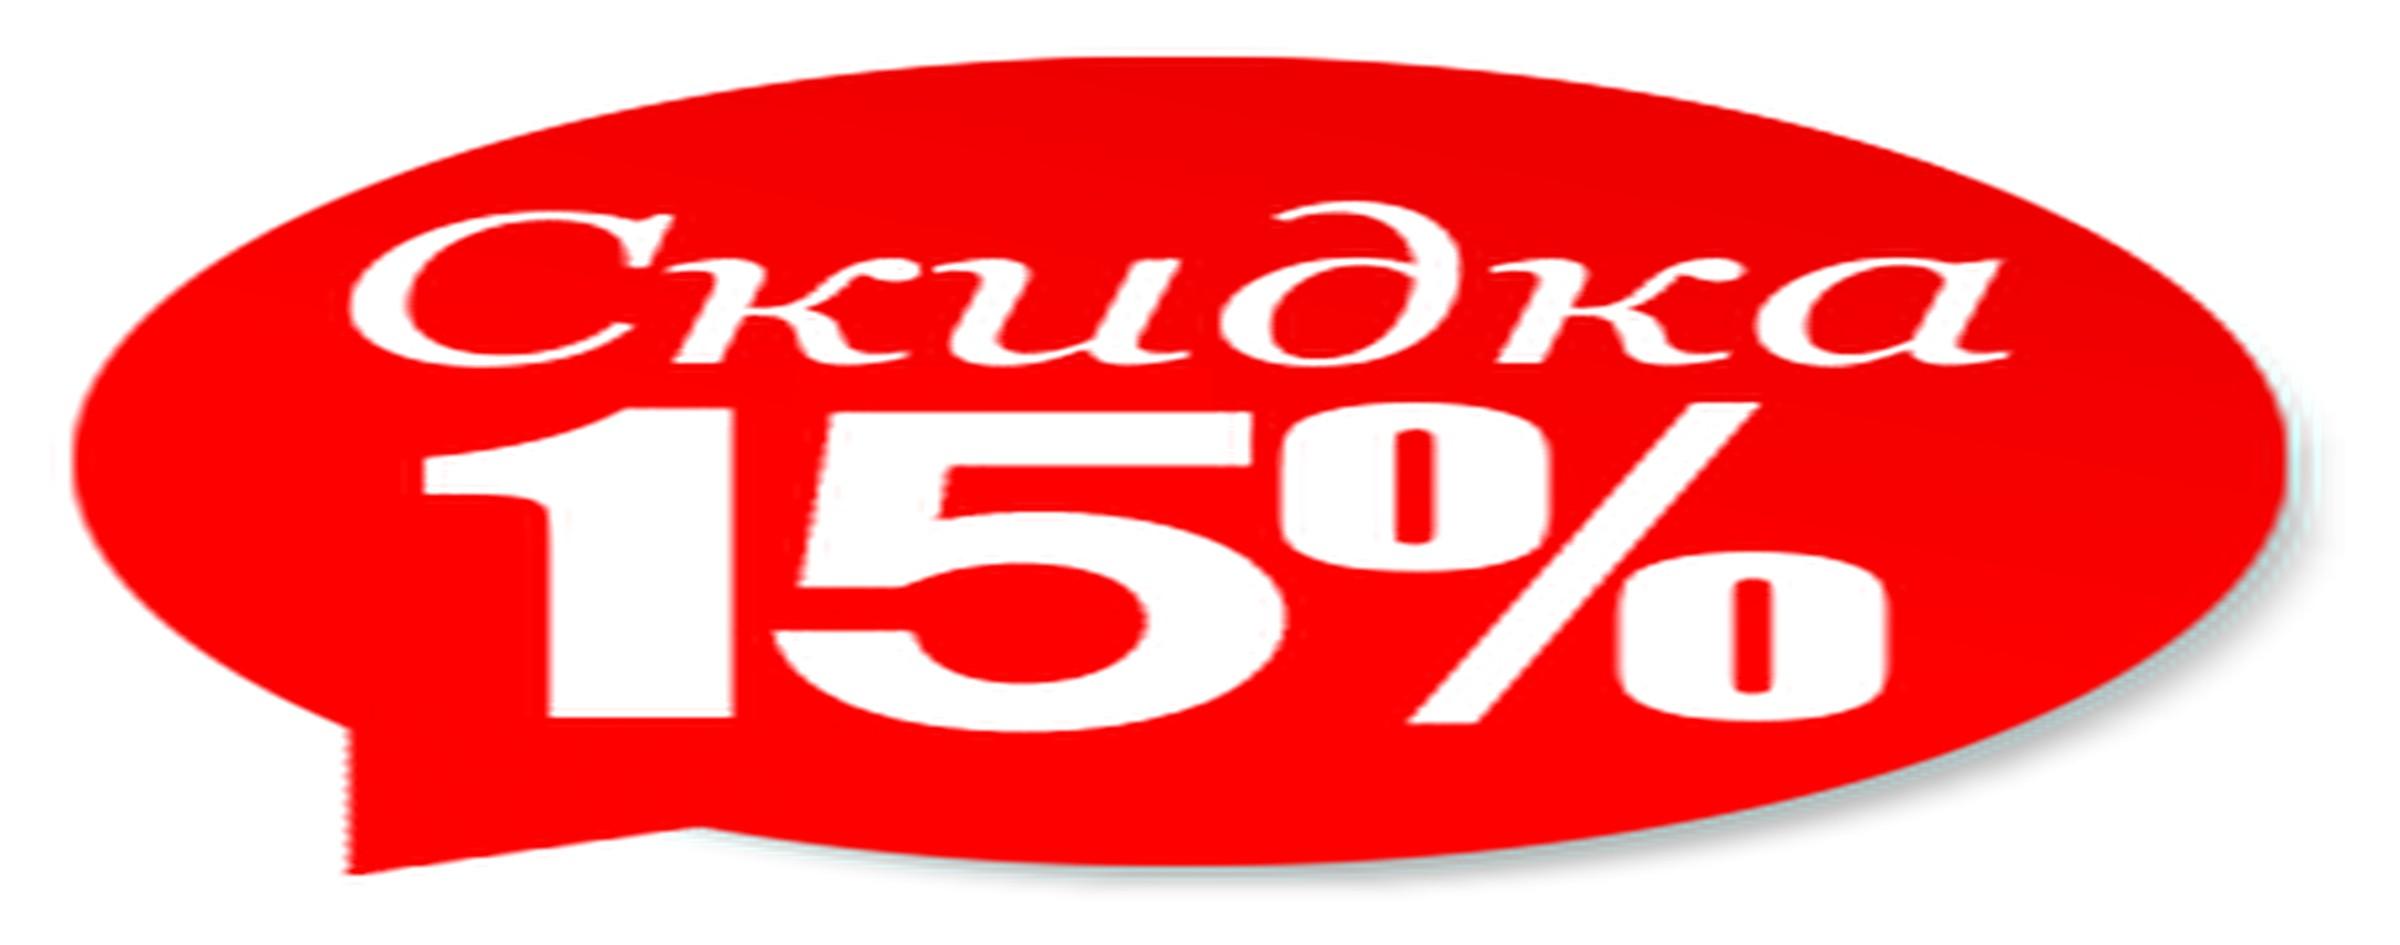 Скидка именинникам 15%